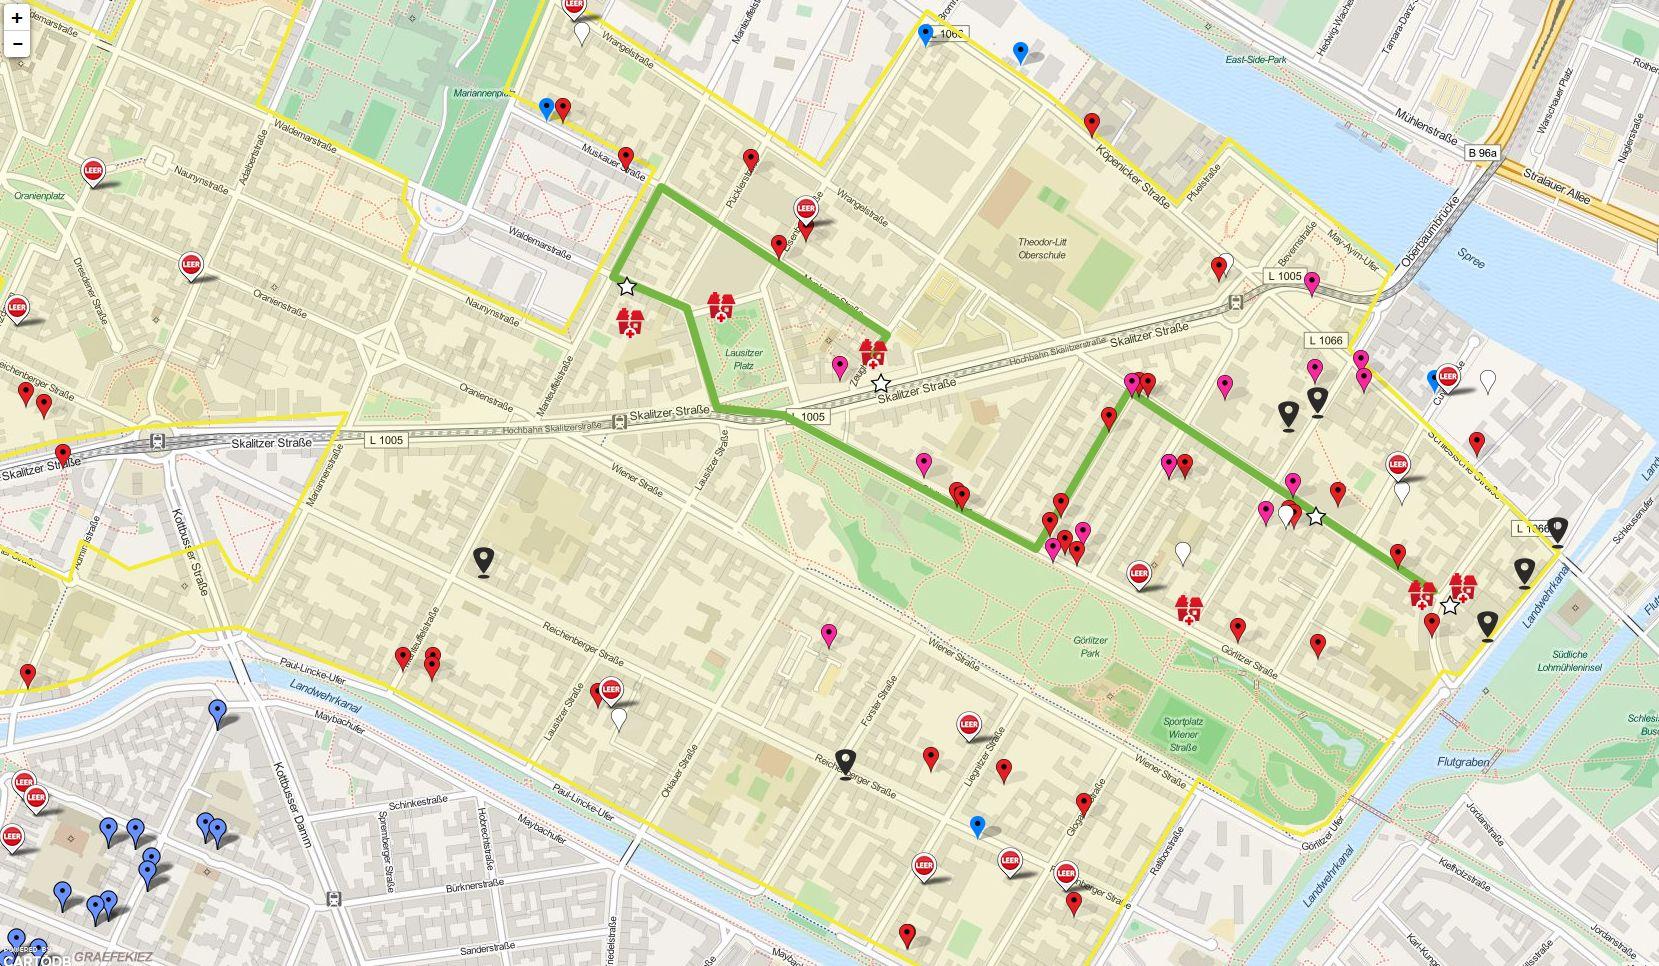 Laternenumzug-Route- 'StadtPolitikPlan v0_1' - wirbleibenalle_org_map